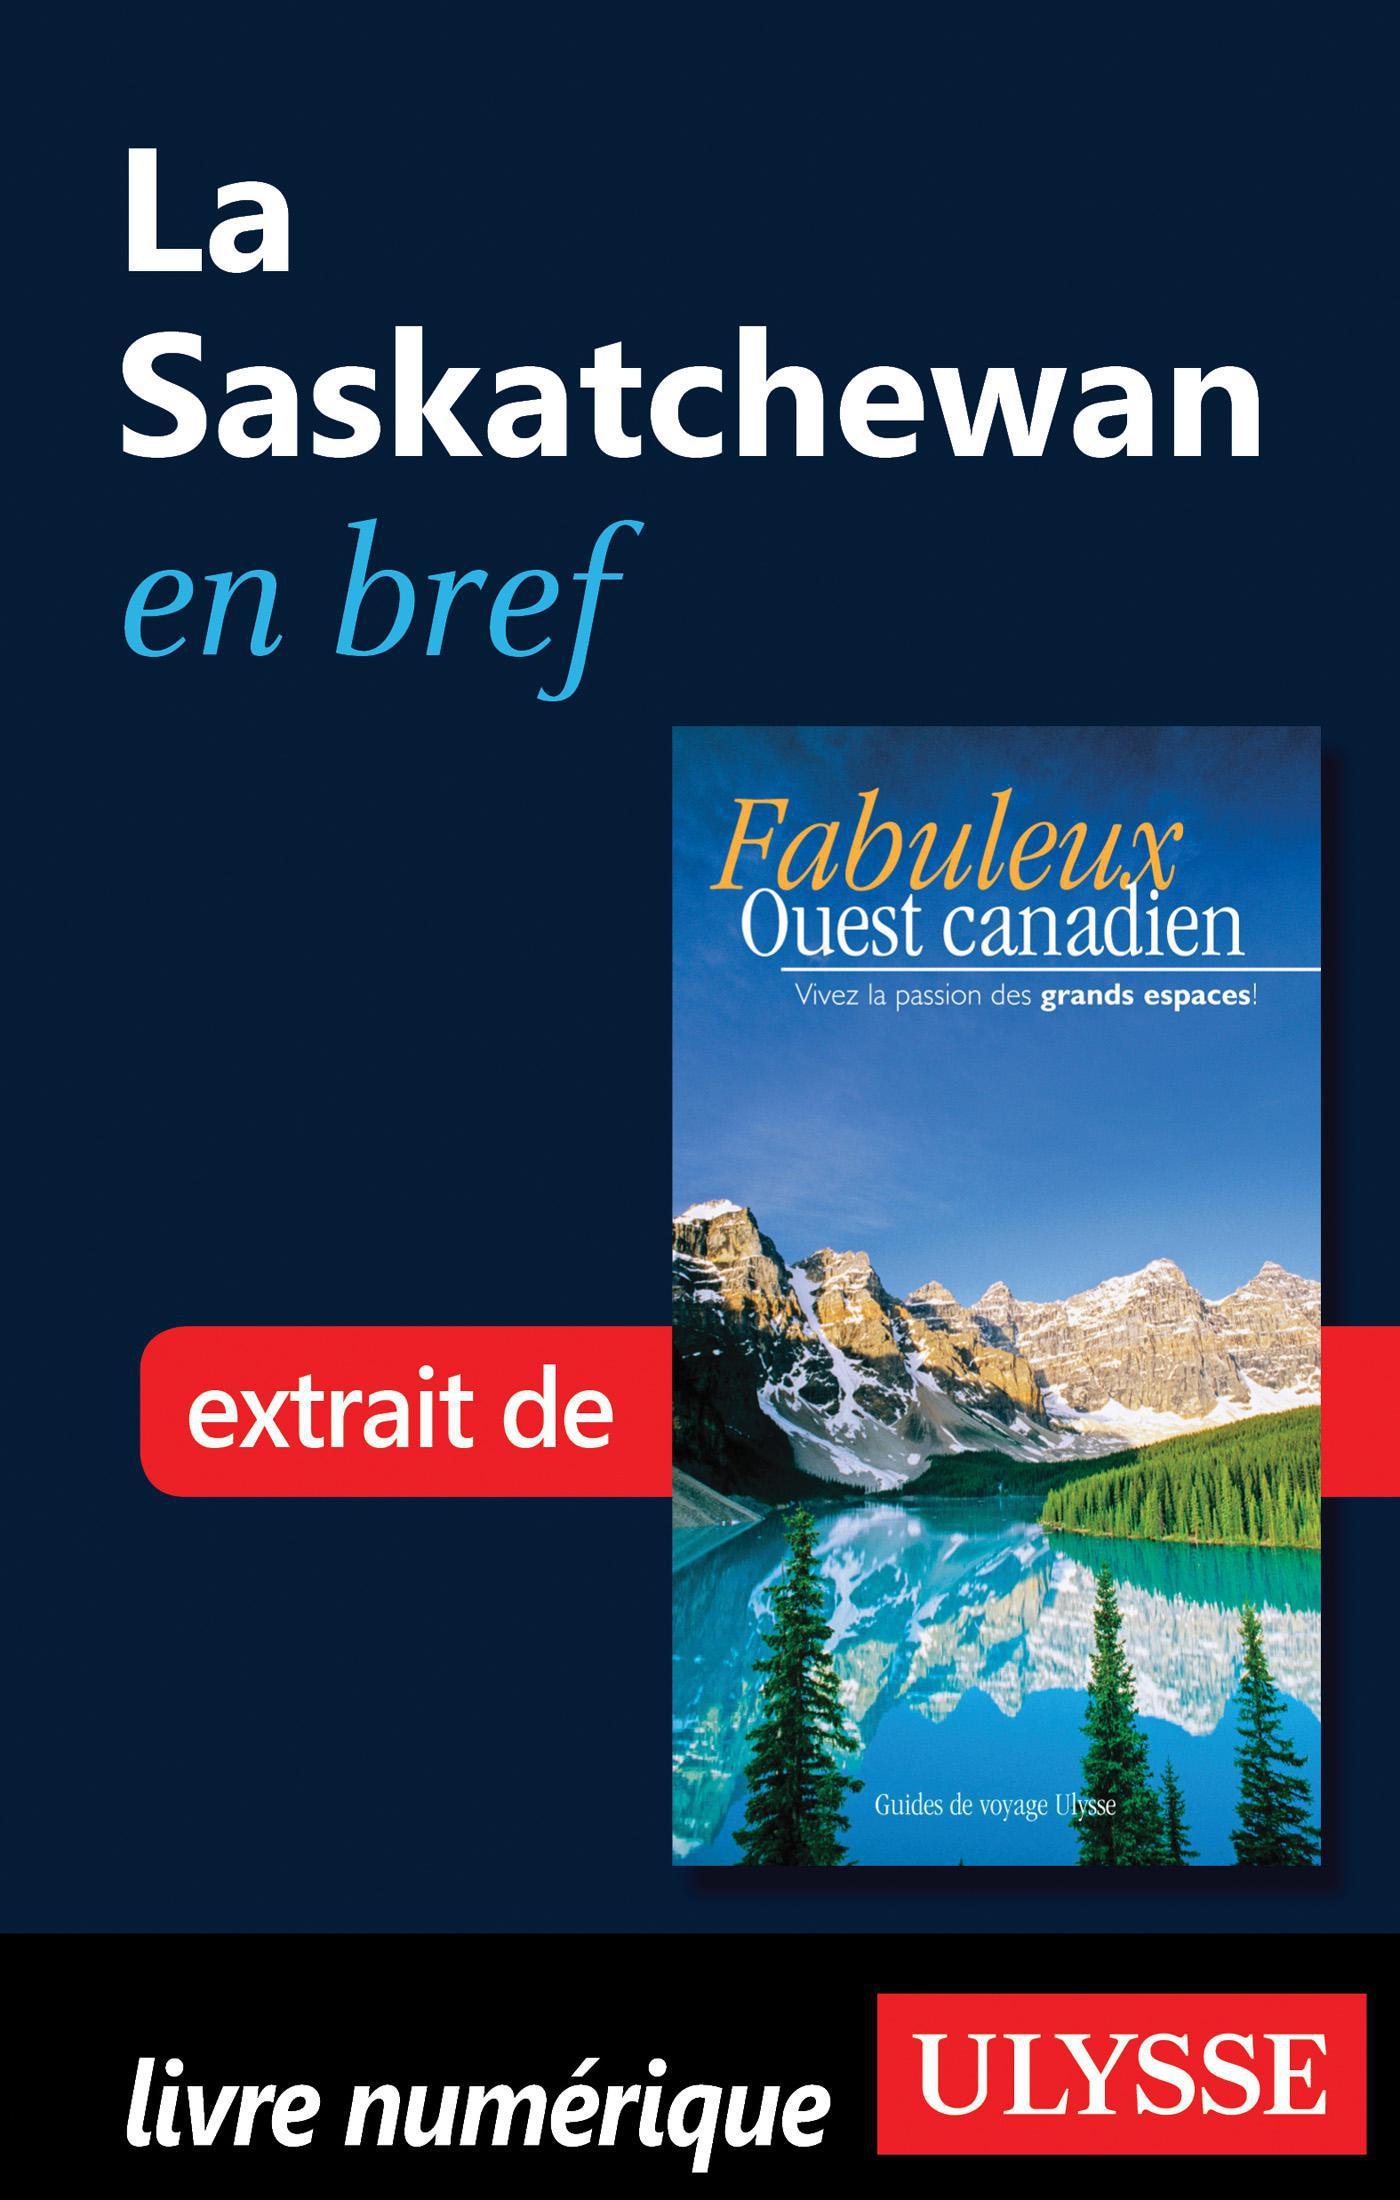 La Saskatchewan en bref